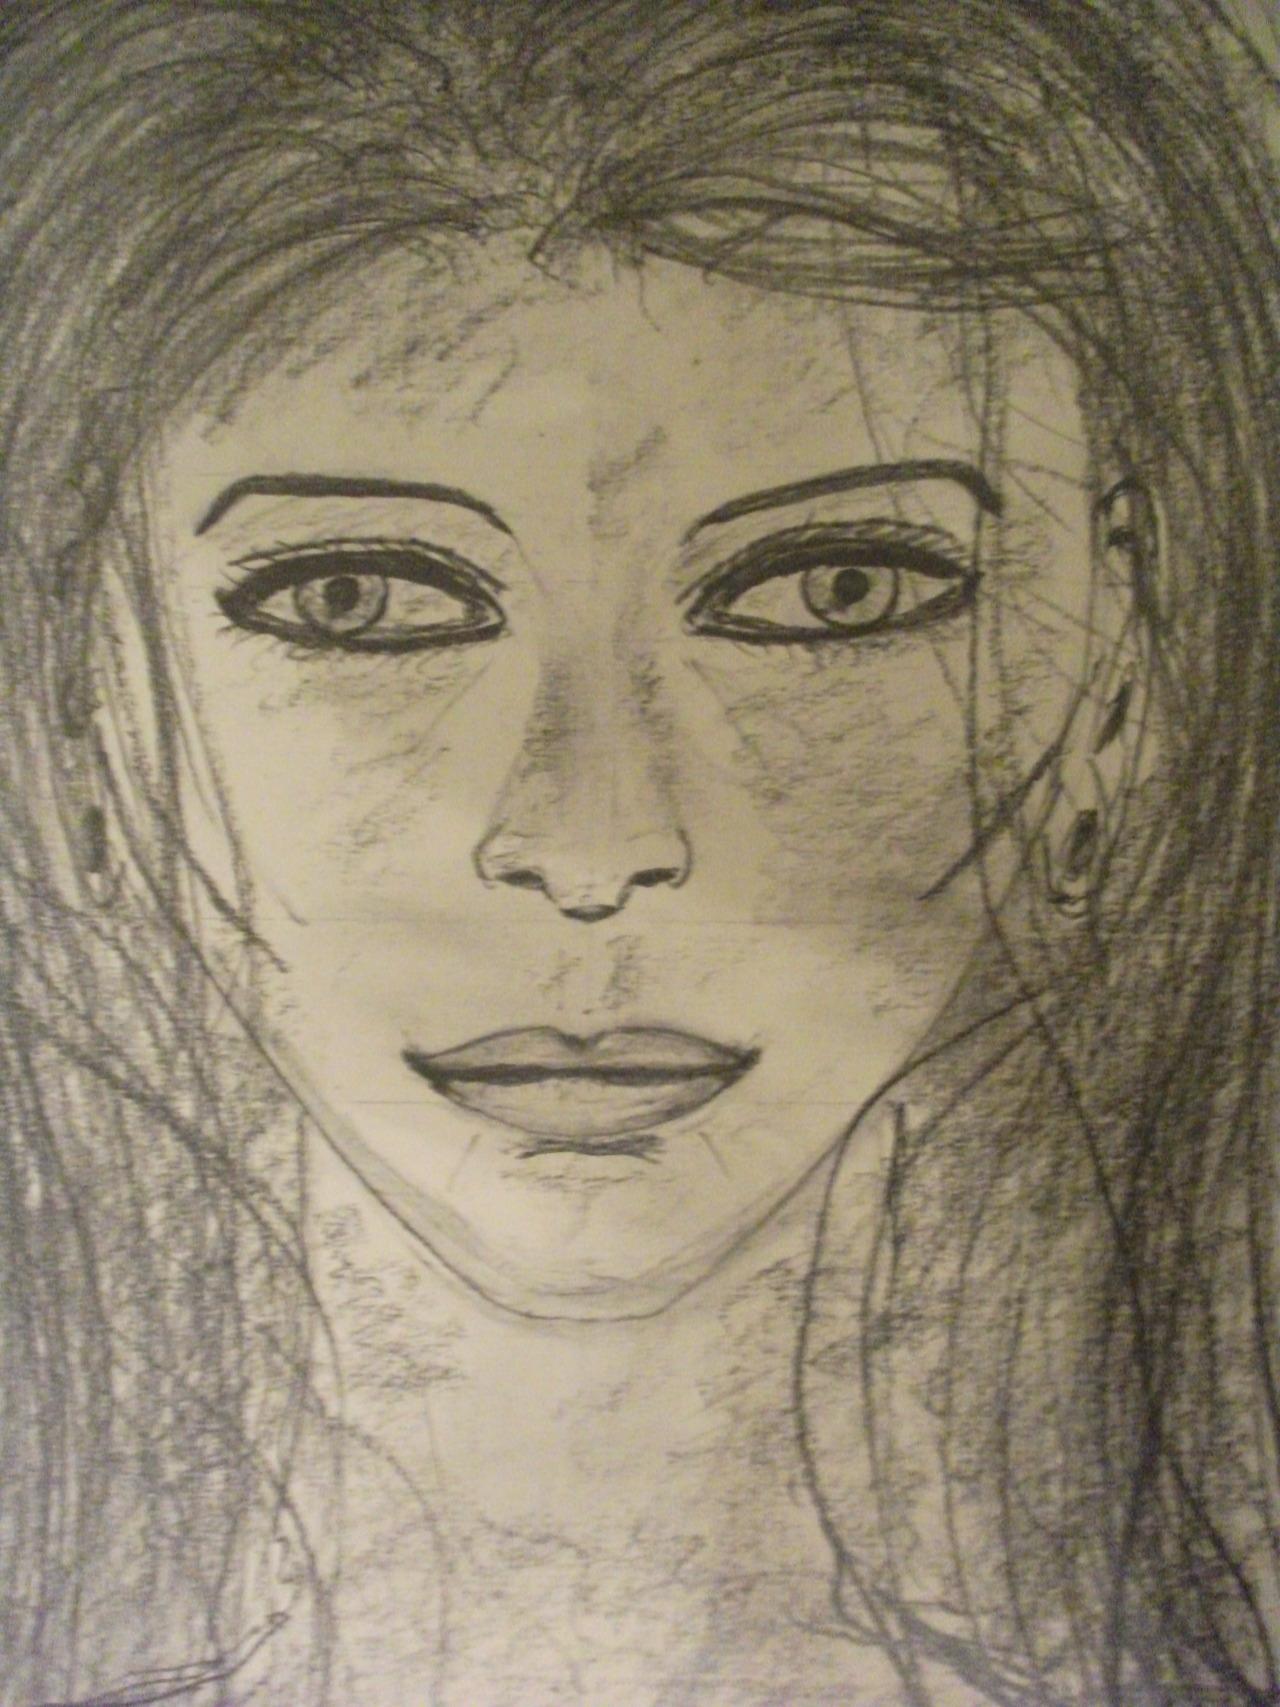 Xana (#4 Study) Graphite on Paper, 30cm x 42cm by Steven de Ciantis, 2012